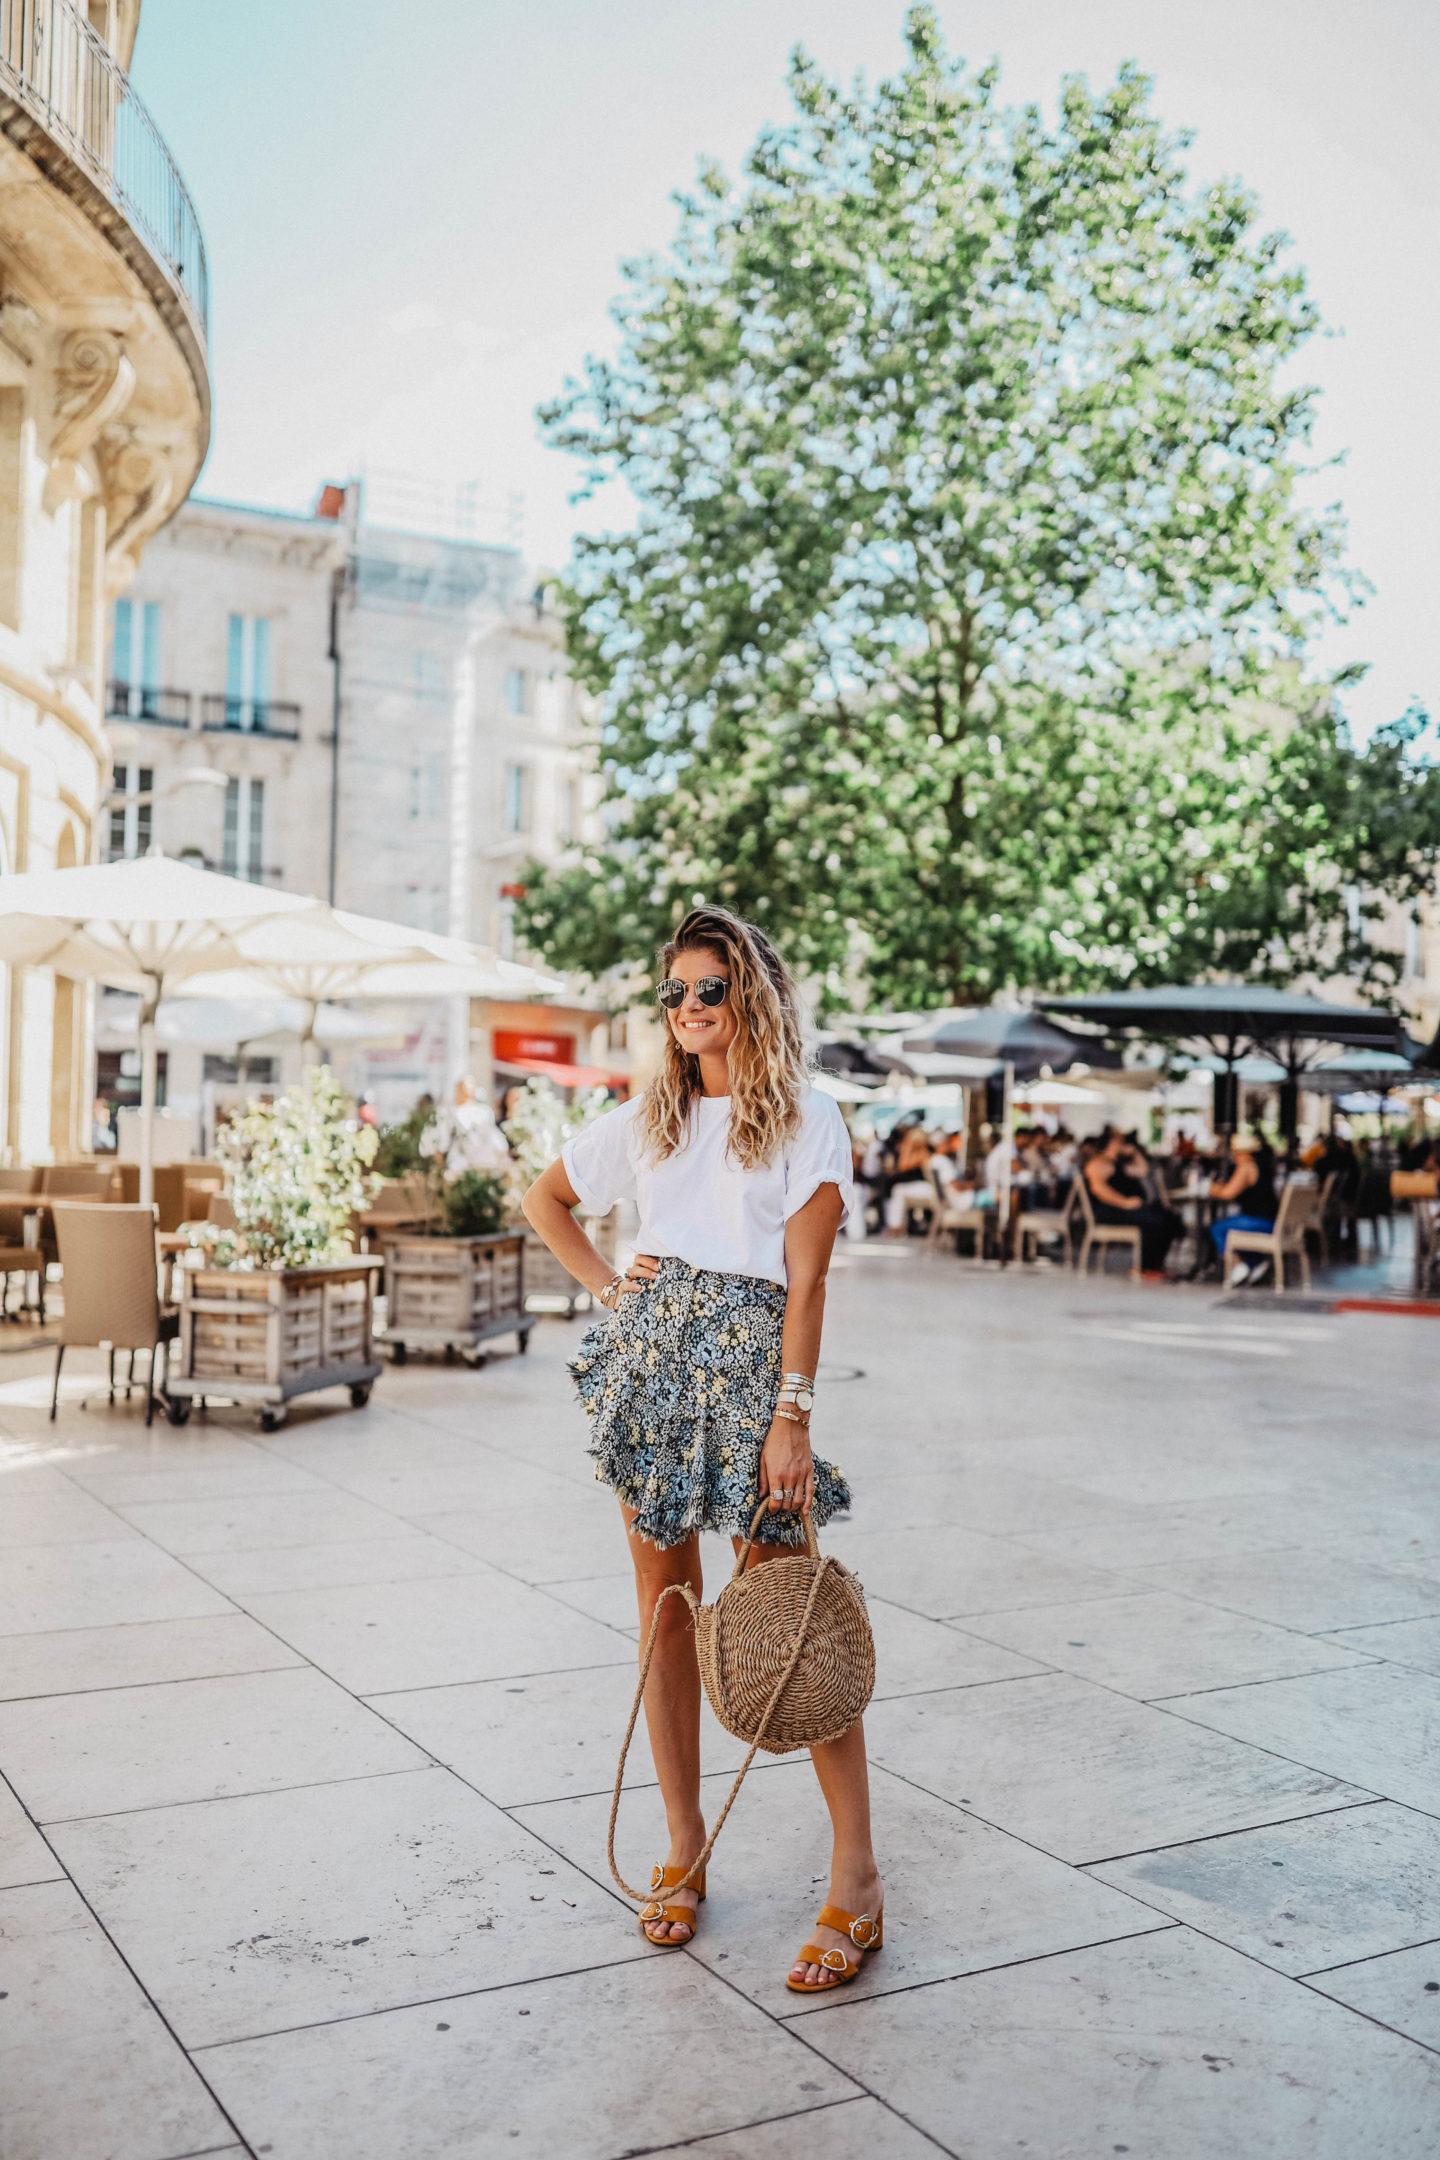 Tenue d'été femmes 2018 marie and mood blog